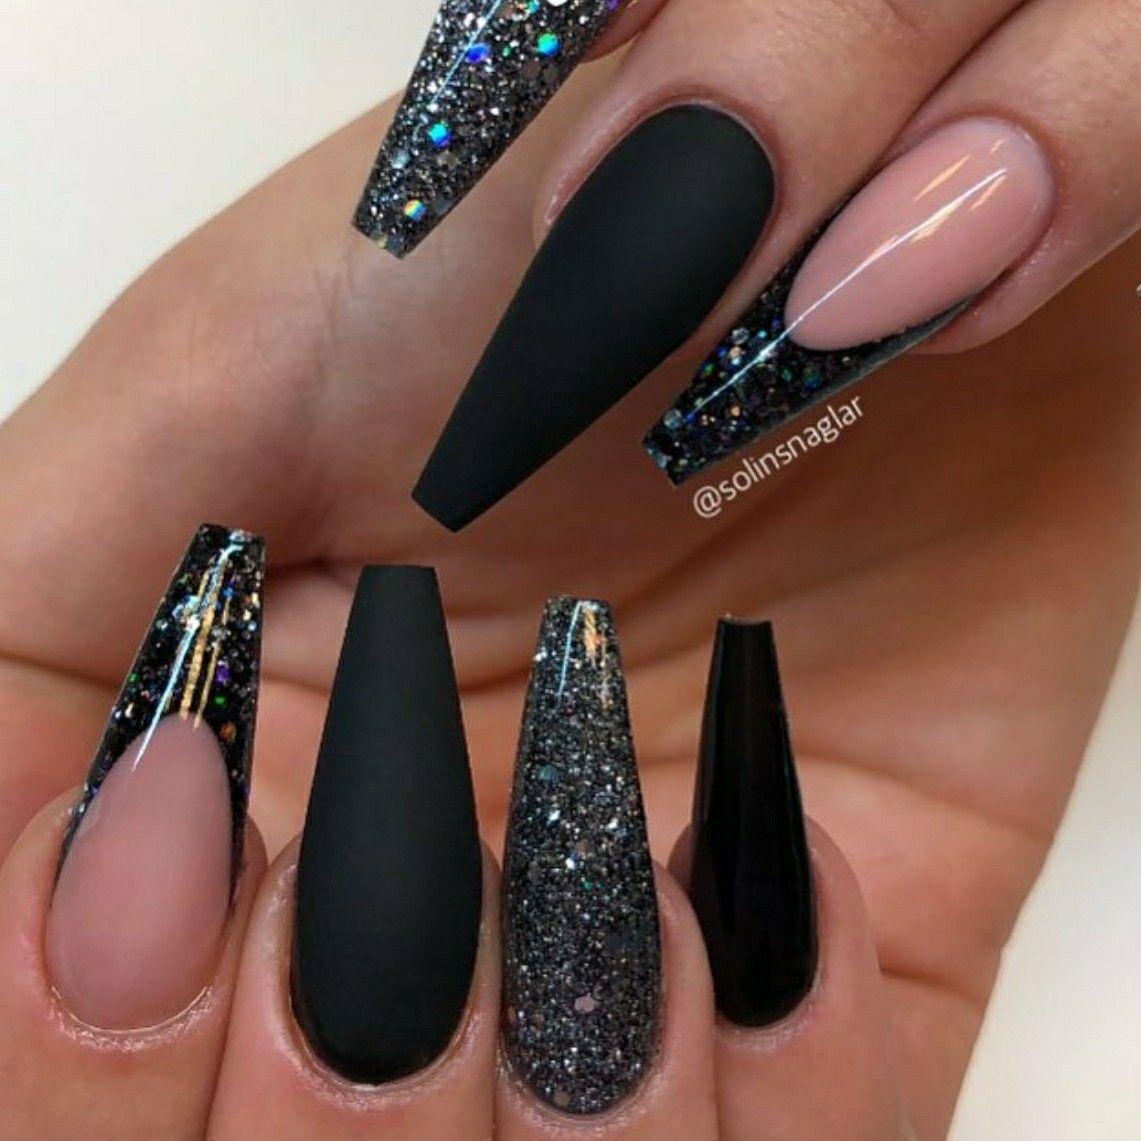 ballerina nails  black nails  acrylic nails  glitter nails